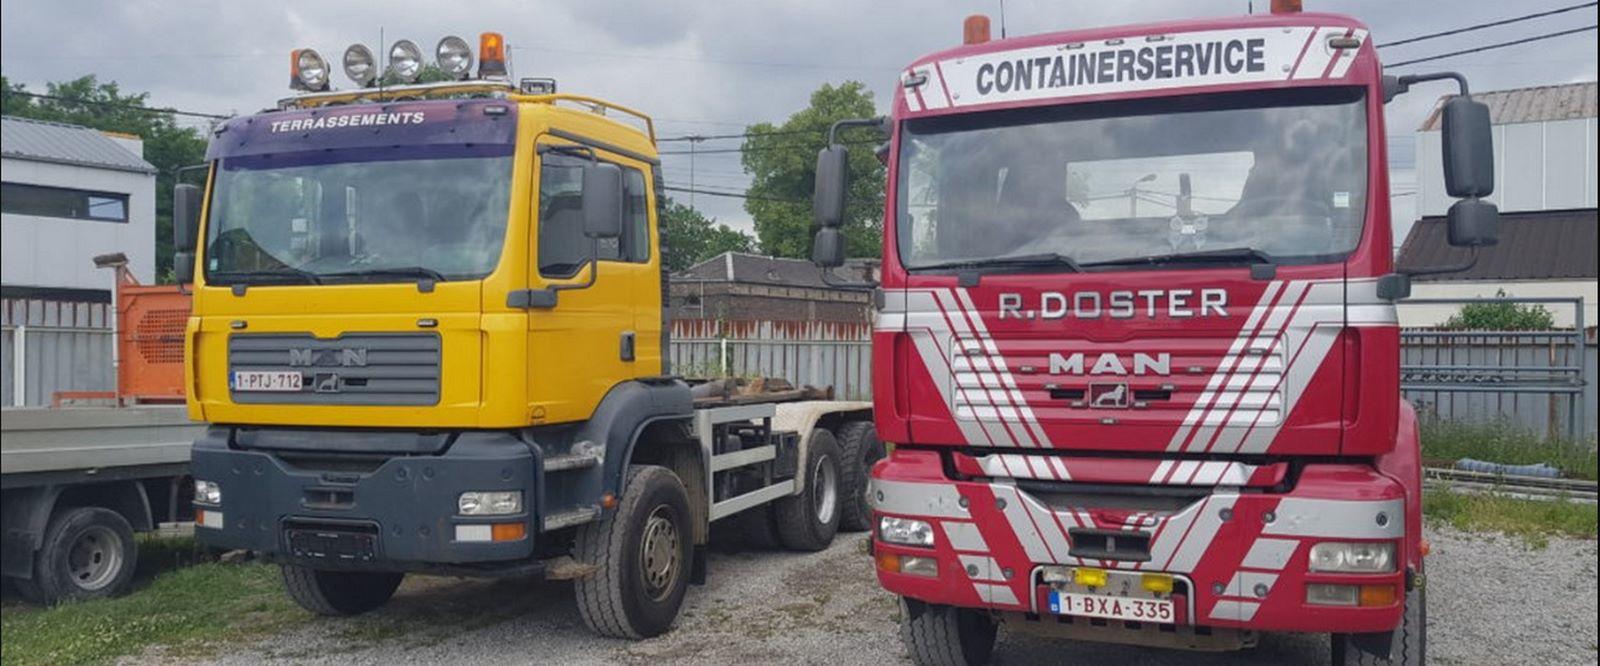 Flémalle & Liège - Location de container